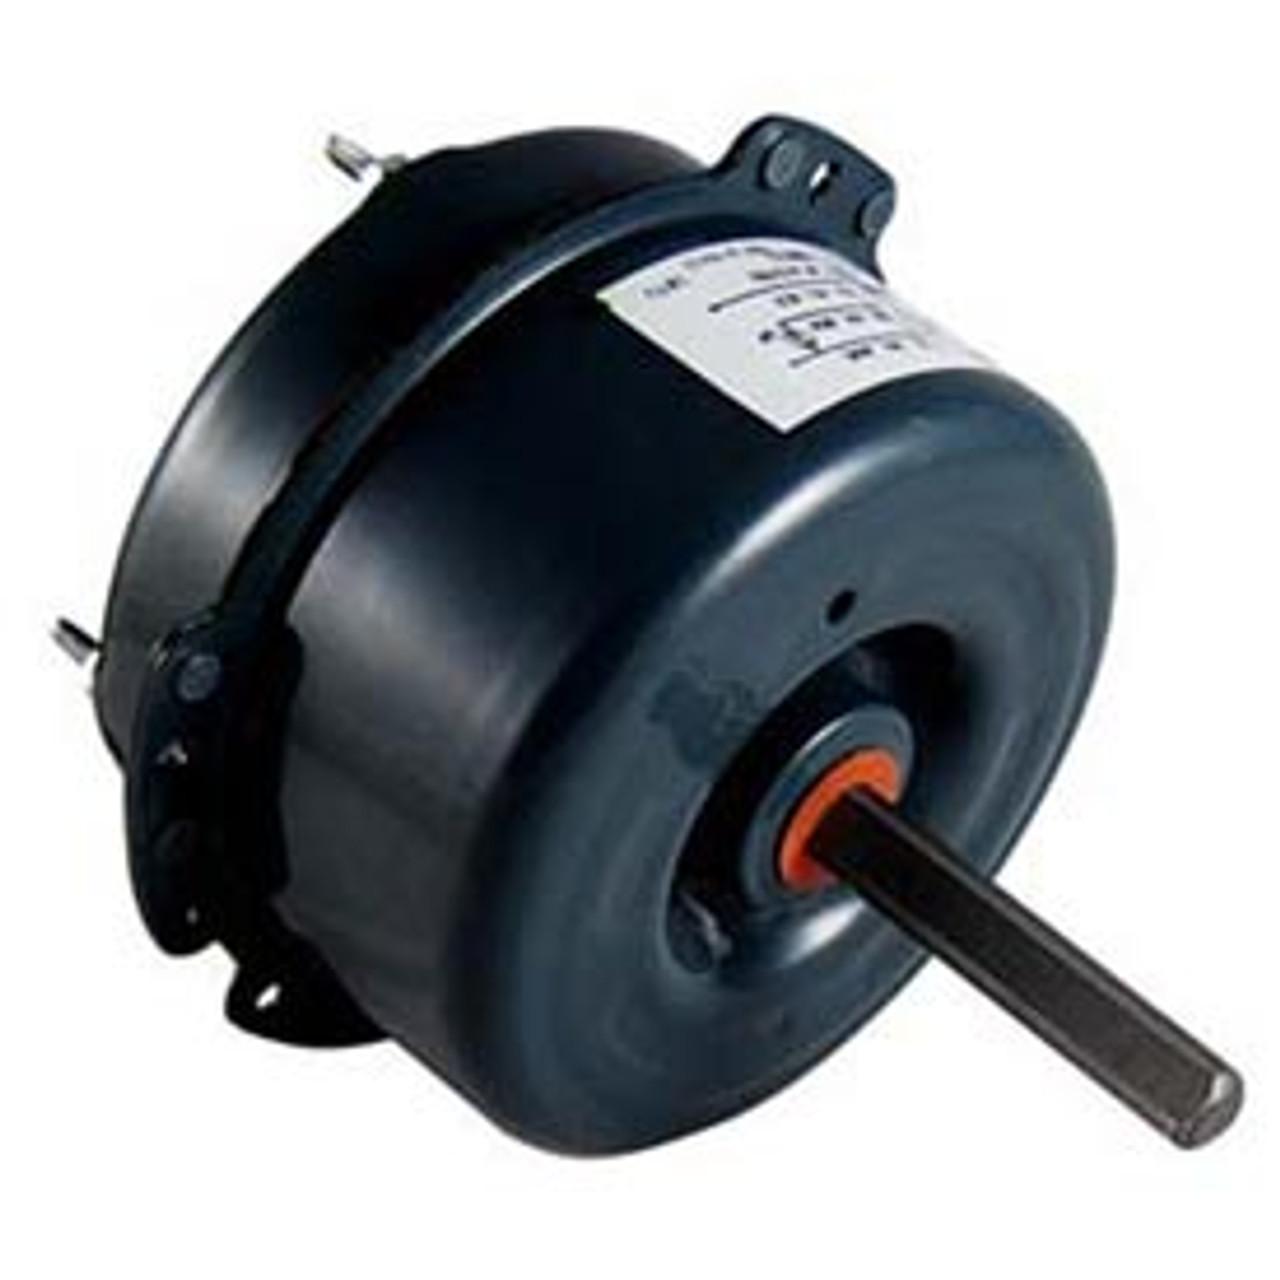 G2248 5in Cap-Can Condenser Fan/Heat Pump Motor 1/8 HP